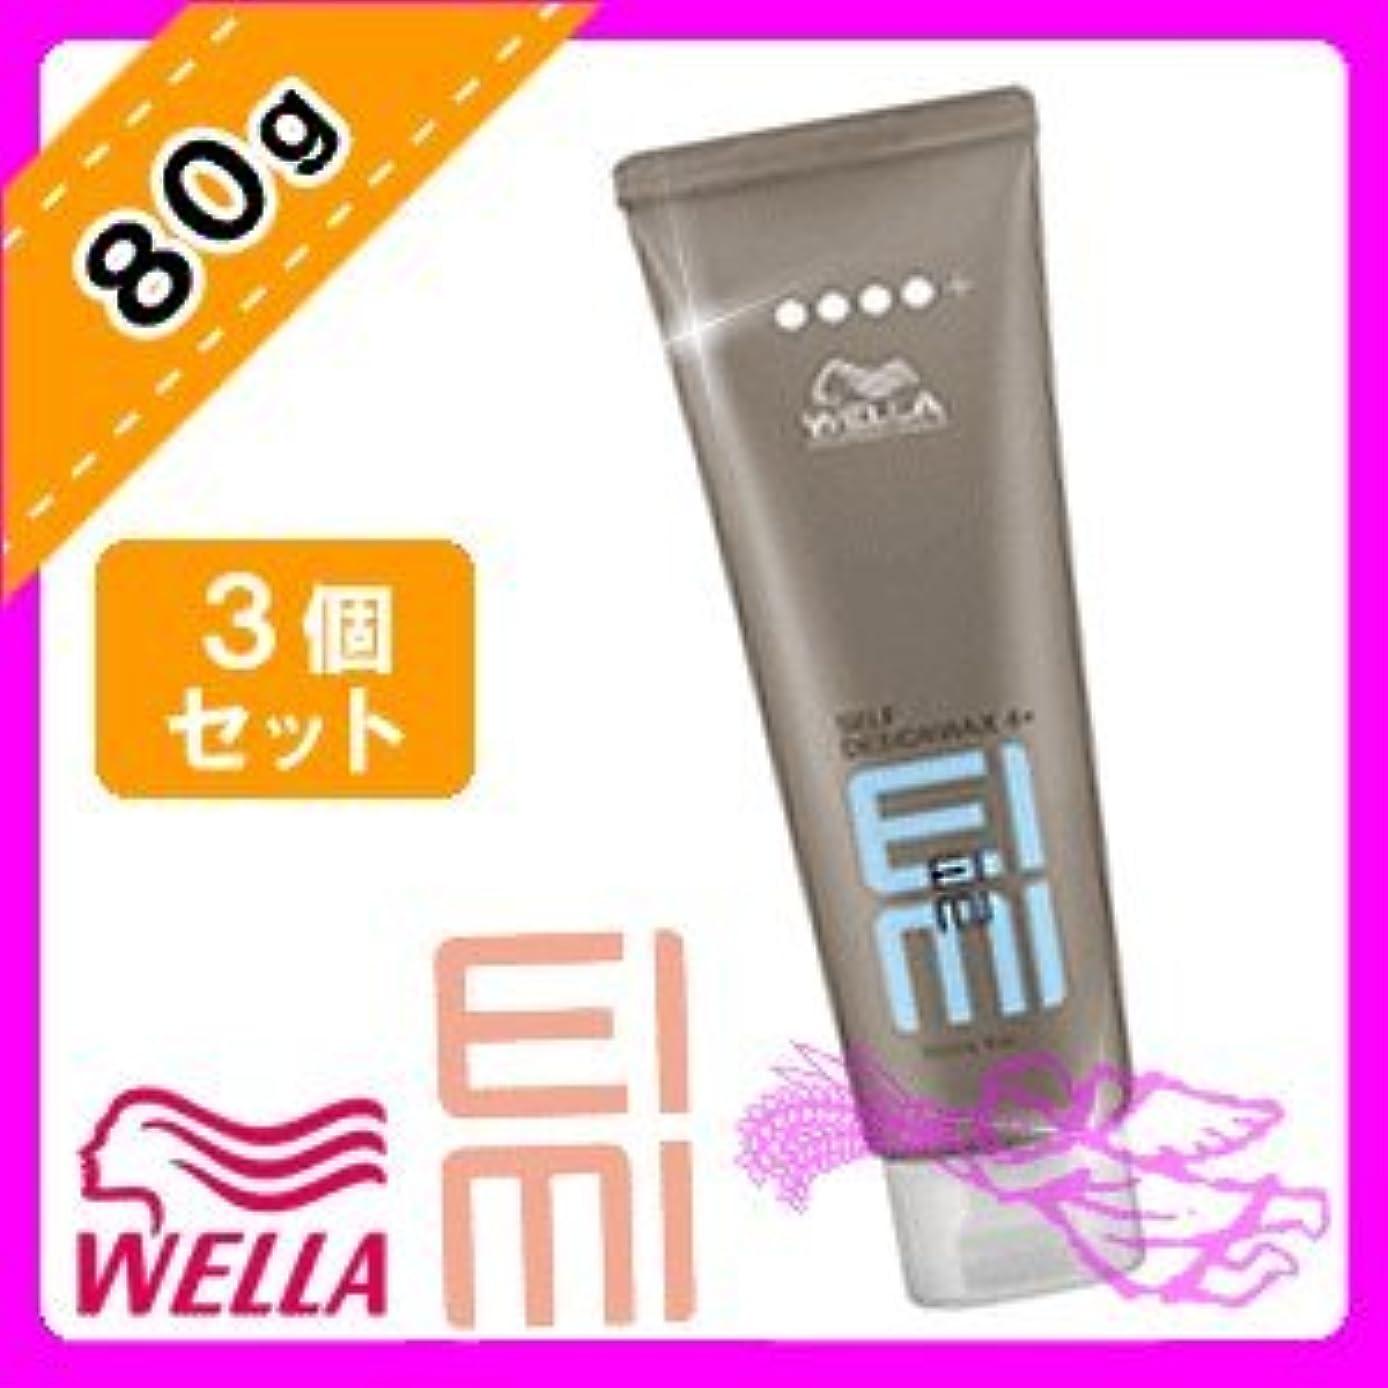 階段怒っている雄弁ウエラ EIMI(アイミィ) セルフデザインワックス4+ 80g ×3個 セット WELLA P&G